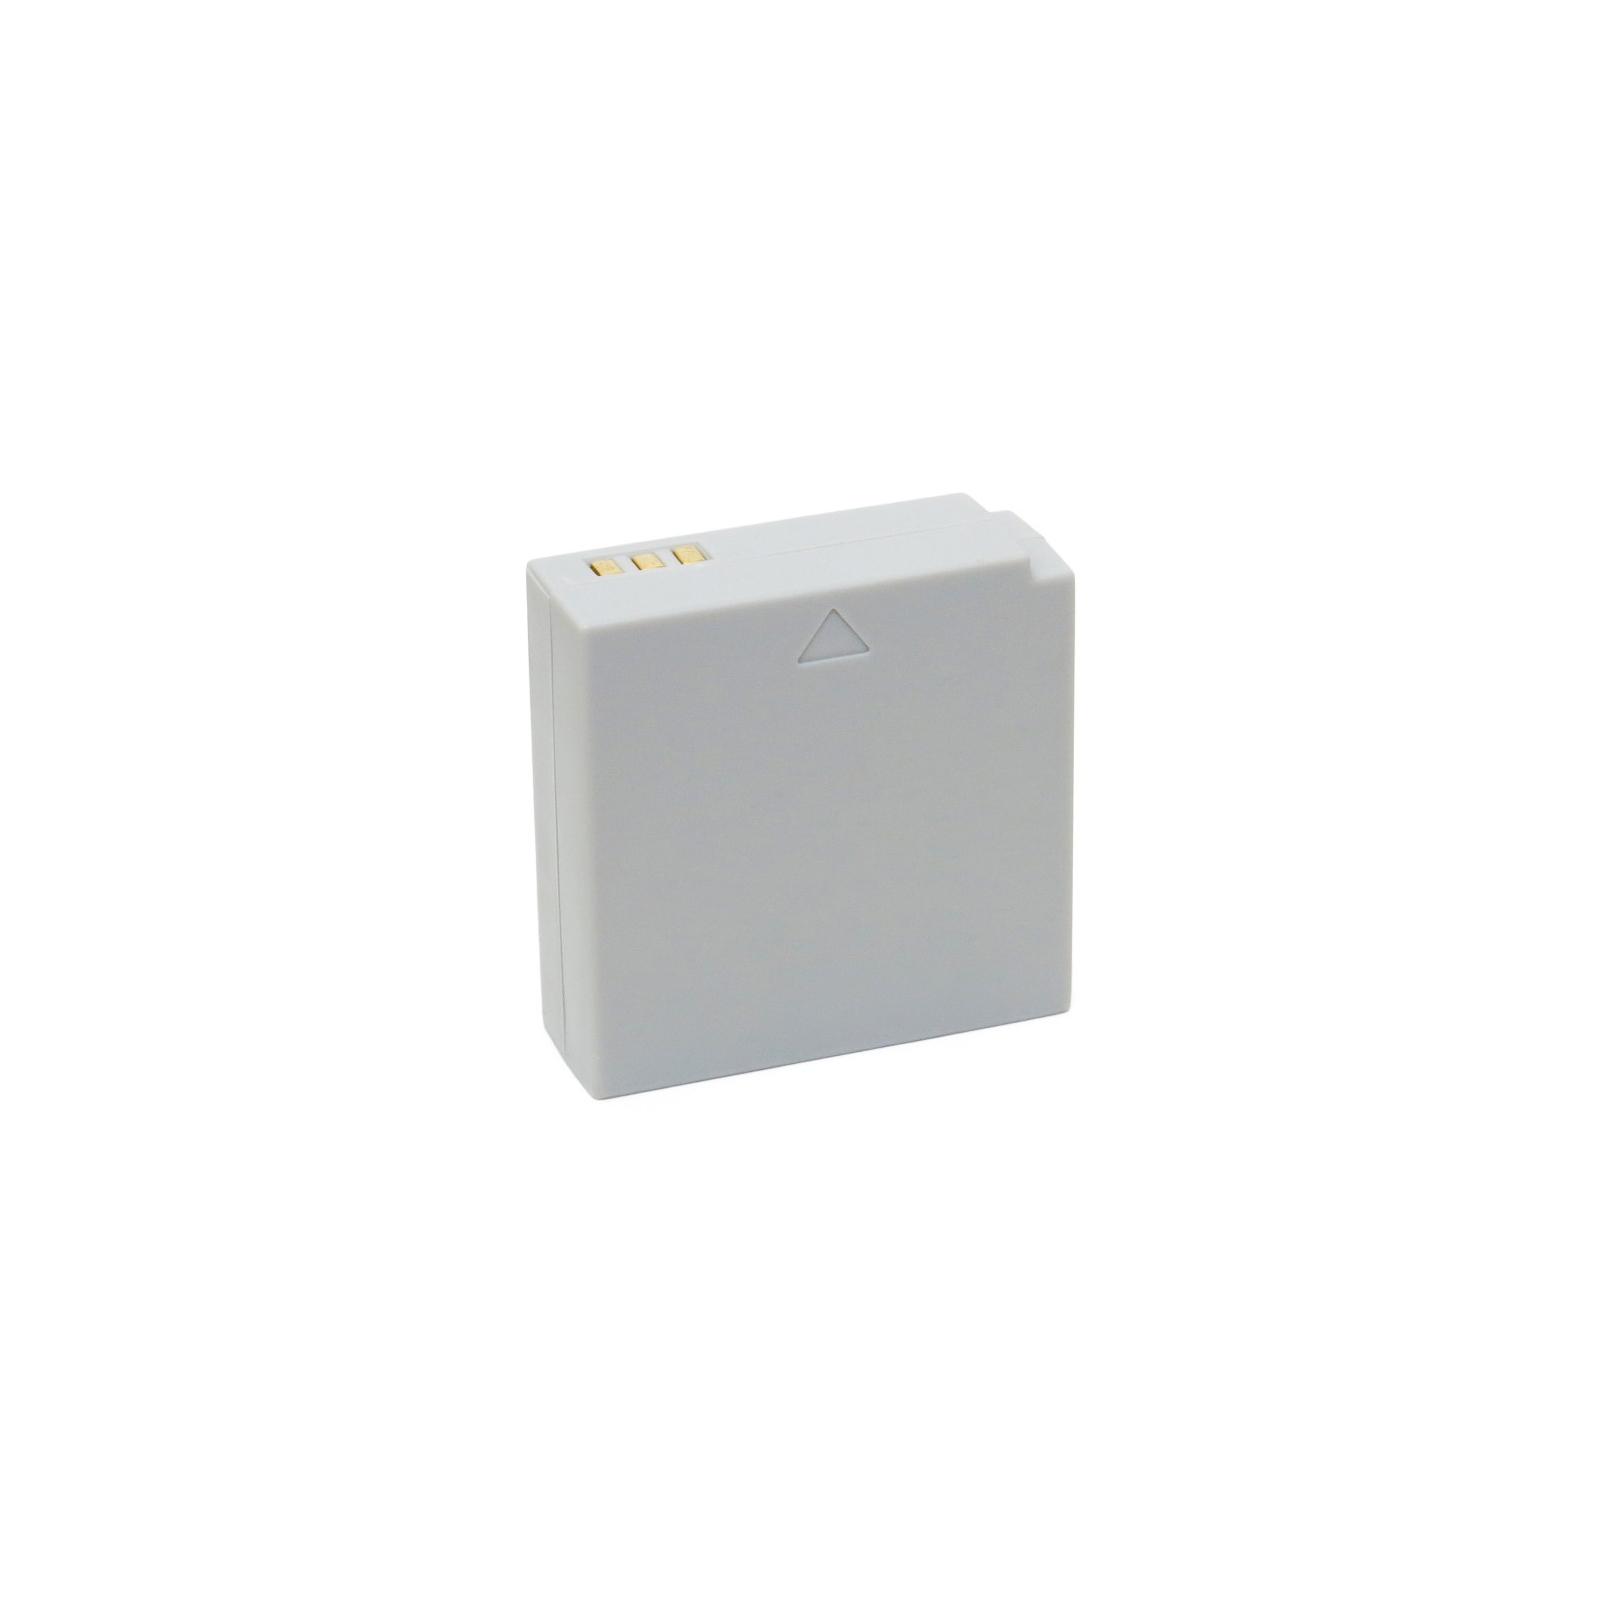 Аккумулятор к фото/видео EXTRADIGITAL Samsung IA-BP85ST (BDS2614) изображение 2